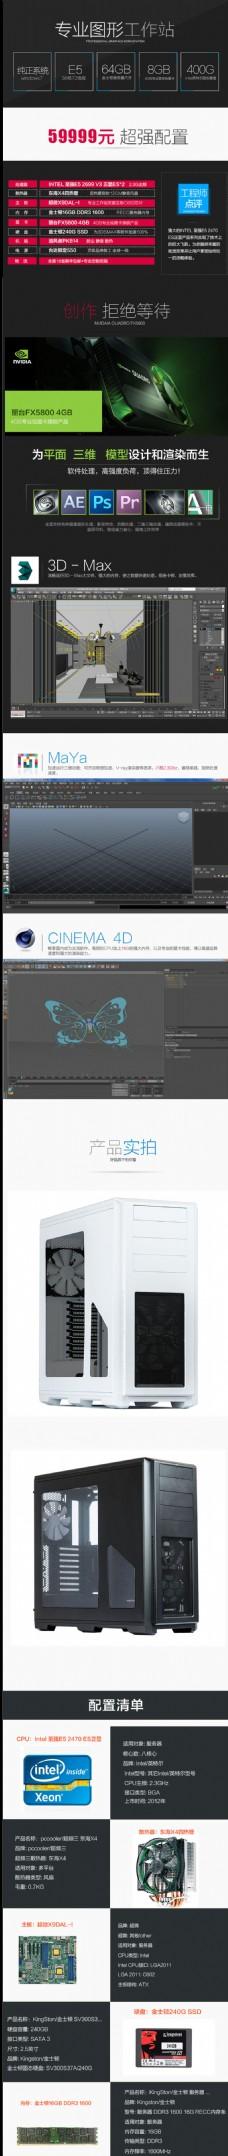 台式机 电脑 详情页 3D多核-版